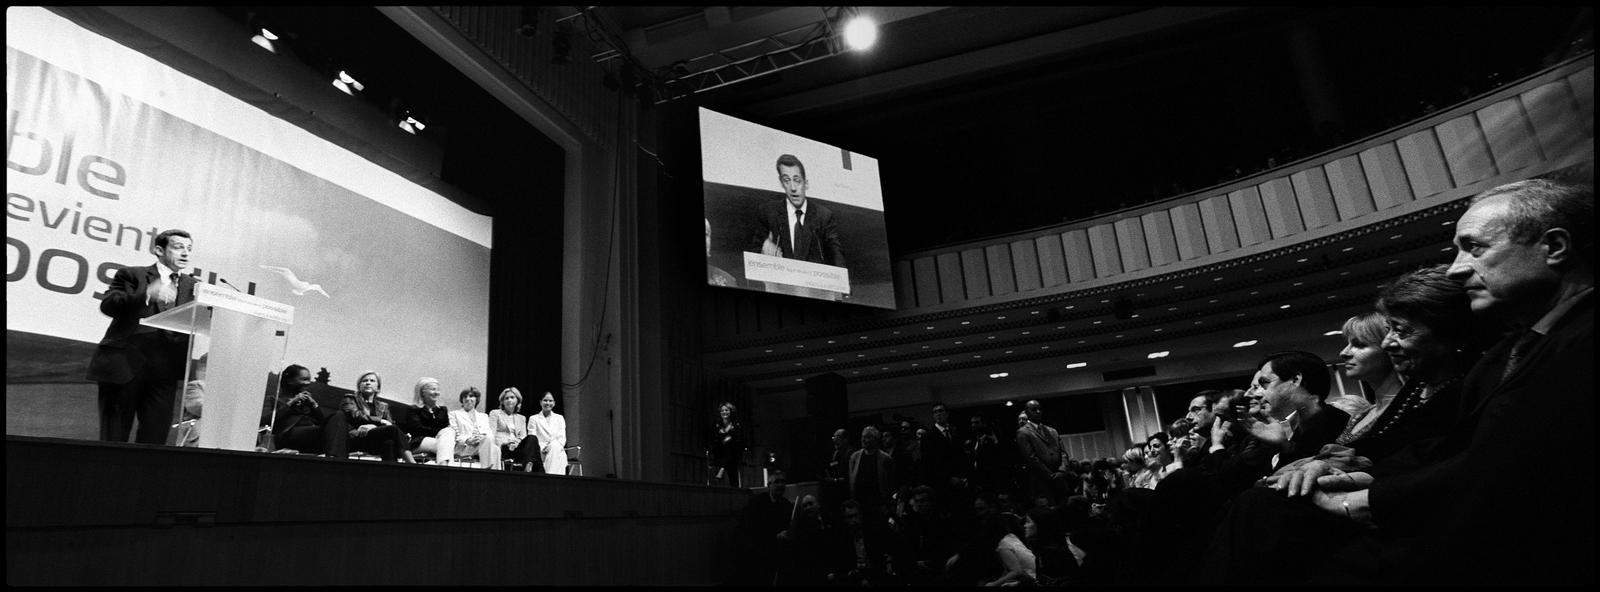 Discours de Nicolas Sarkozy à la Mutualité de Paris le 6 avril 2007.